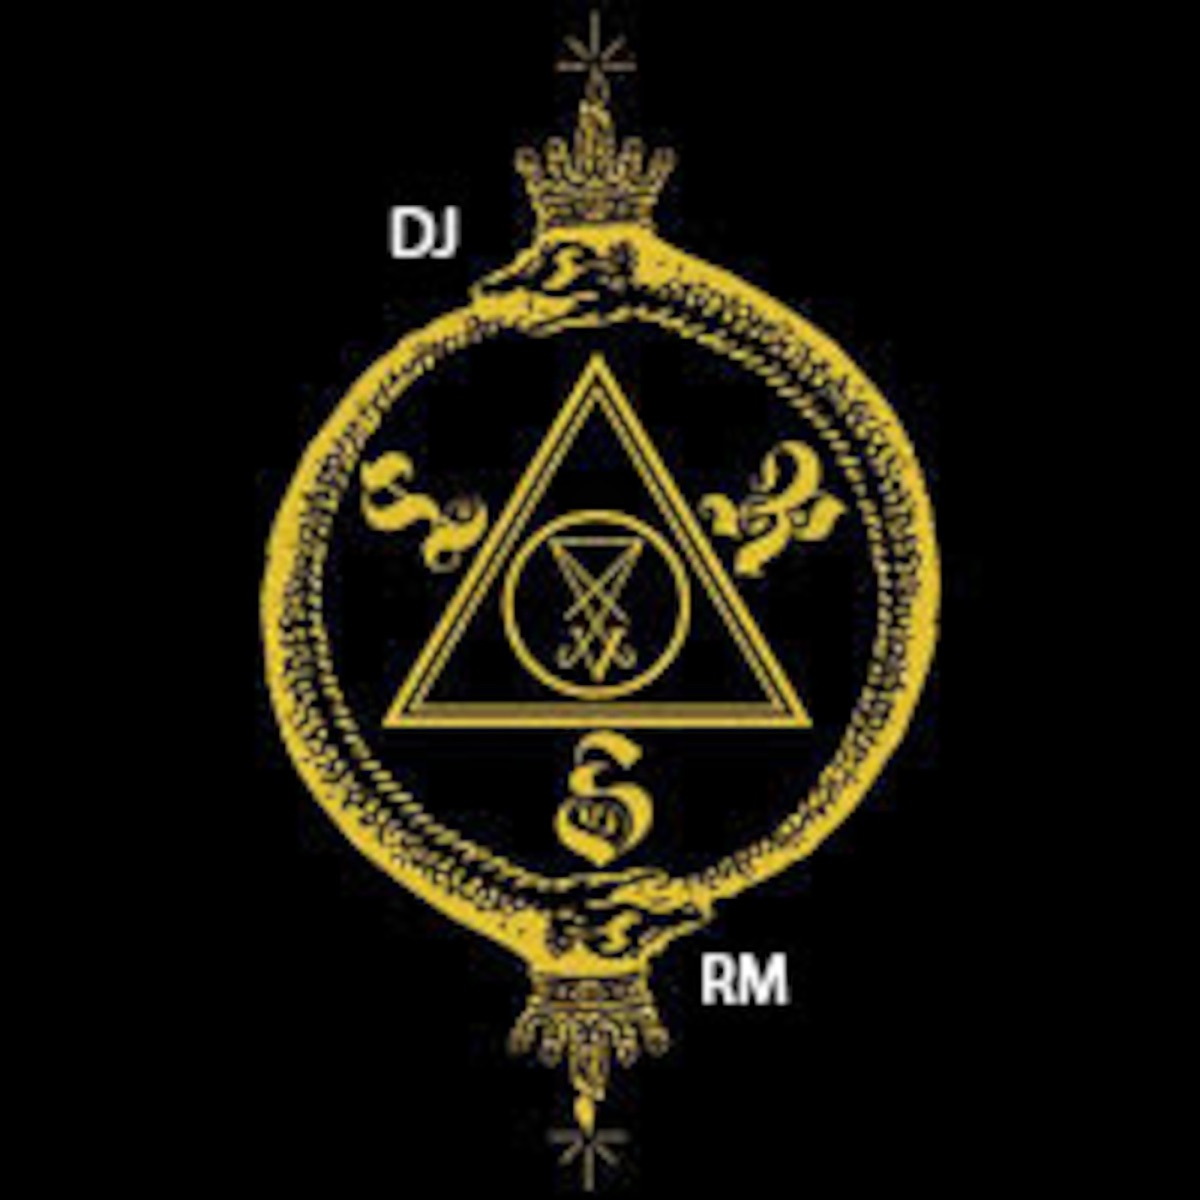 RM's RADIO